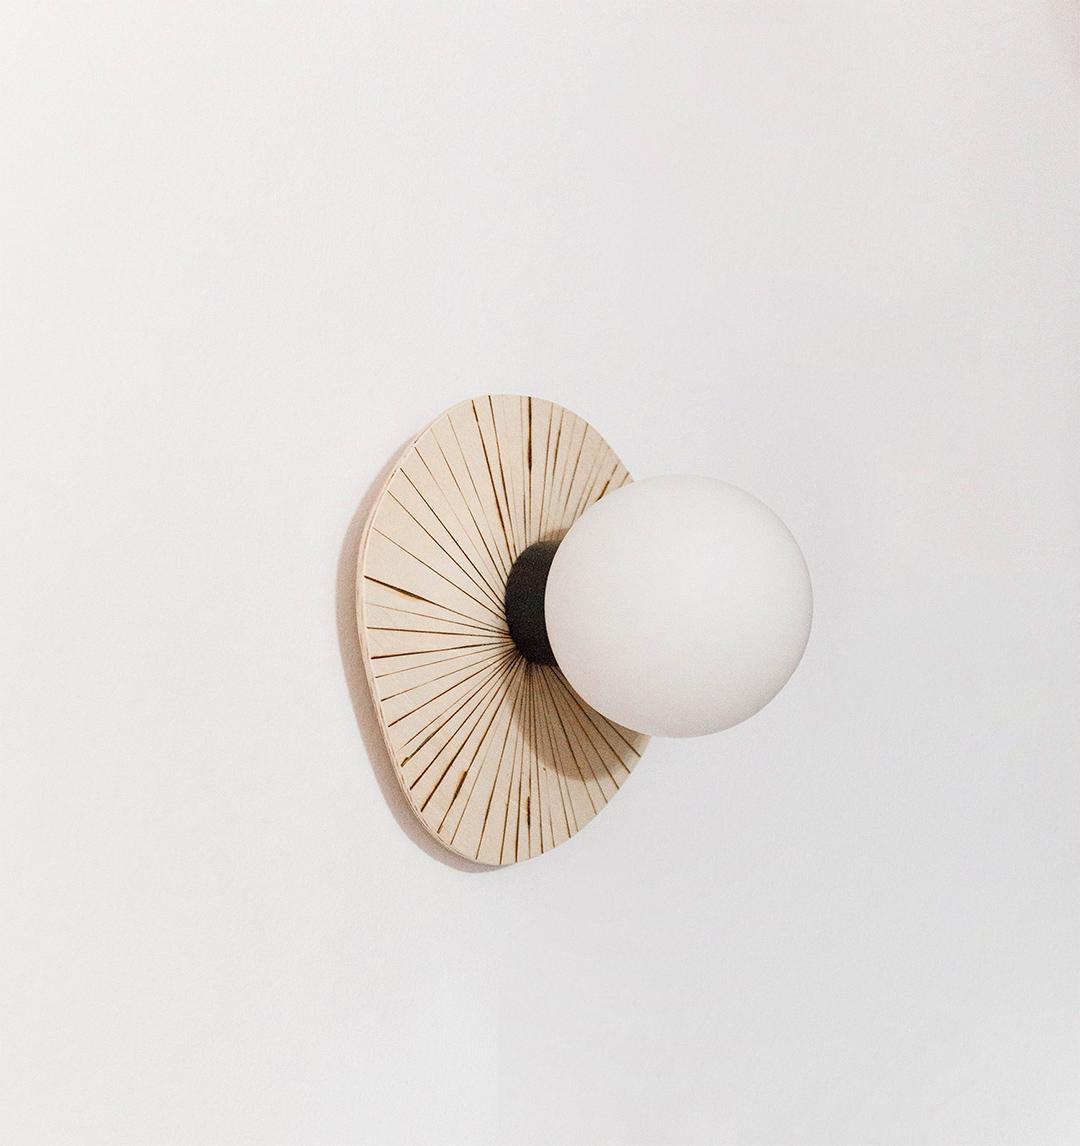 DIY Aplique de madera · DIY Wood wall lamp· Fábrica de Imaginación · Tutorial in Spanish